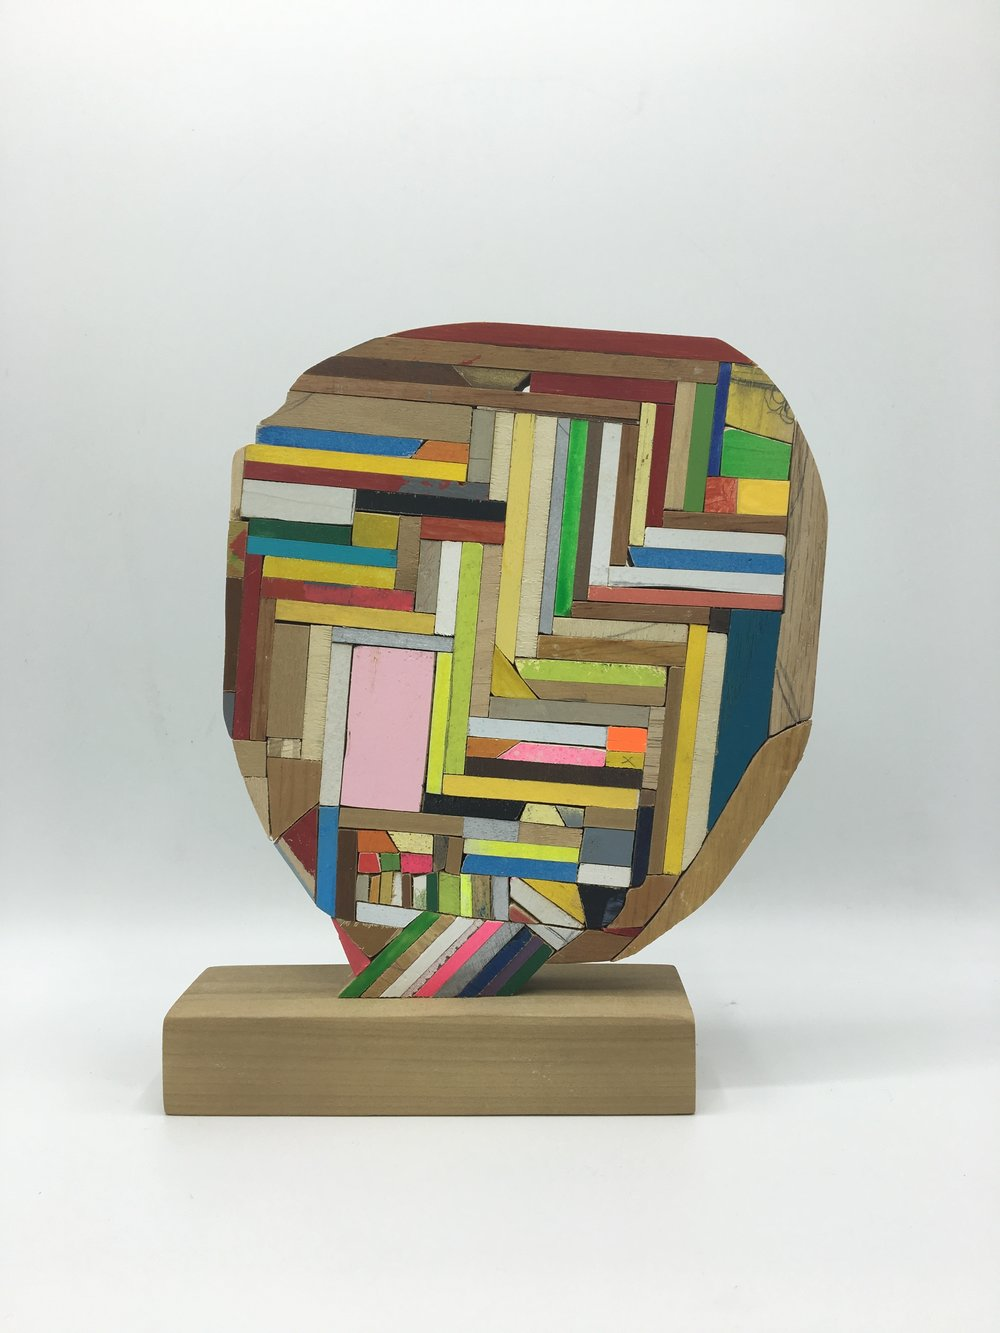 Damien Hoar de Galvan | Head | 2016 | Wood, Paint, Glue | 8 x 6 ½ x 2 in.